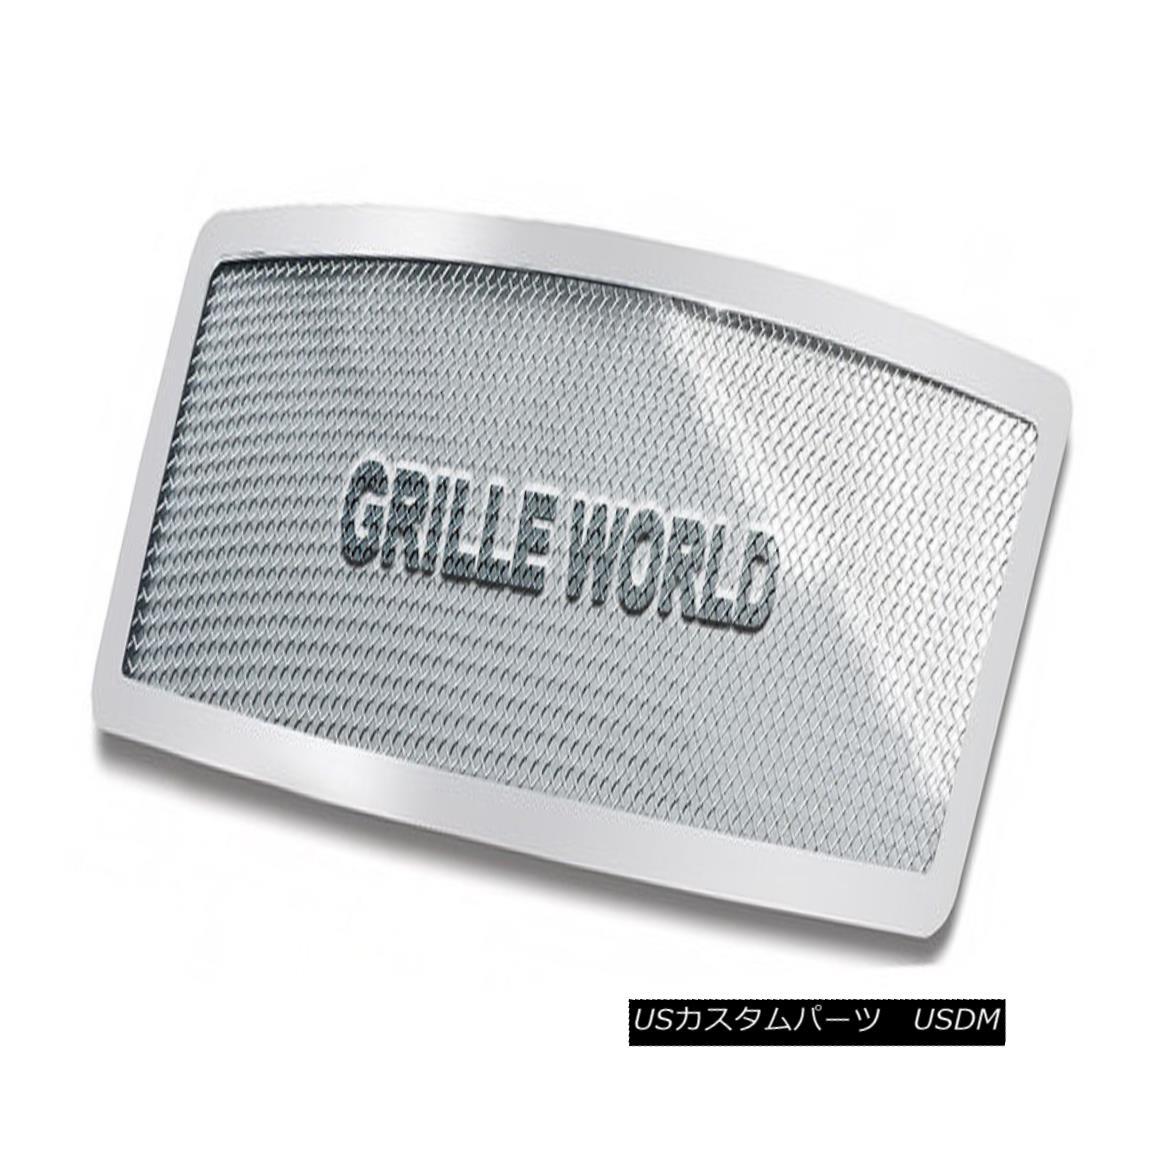 グリル For 04-10 Infiniti QX56 Stainless Steel Mesh Premium Grille Insert 04-10インフィニティQX56ステンレスメッシュプレミアムグリルインサート